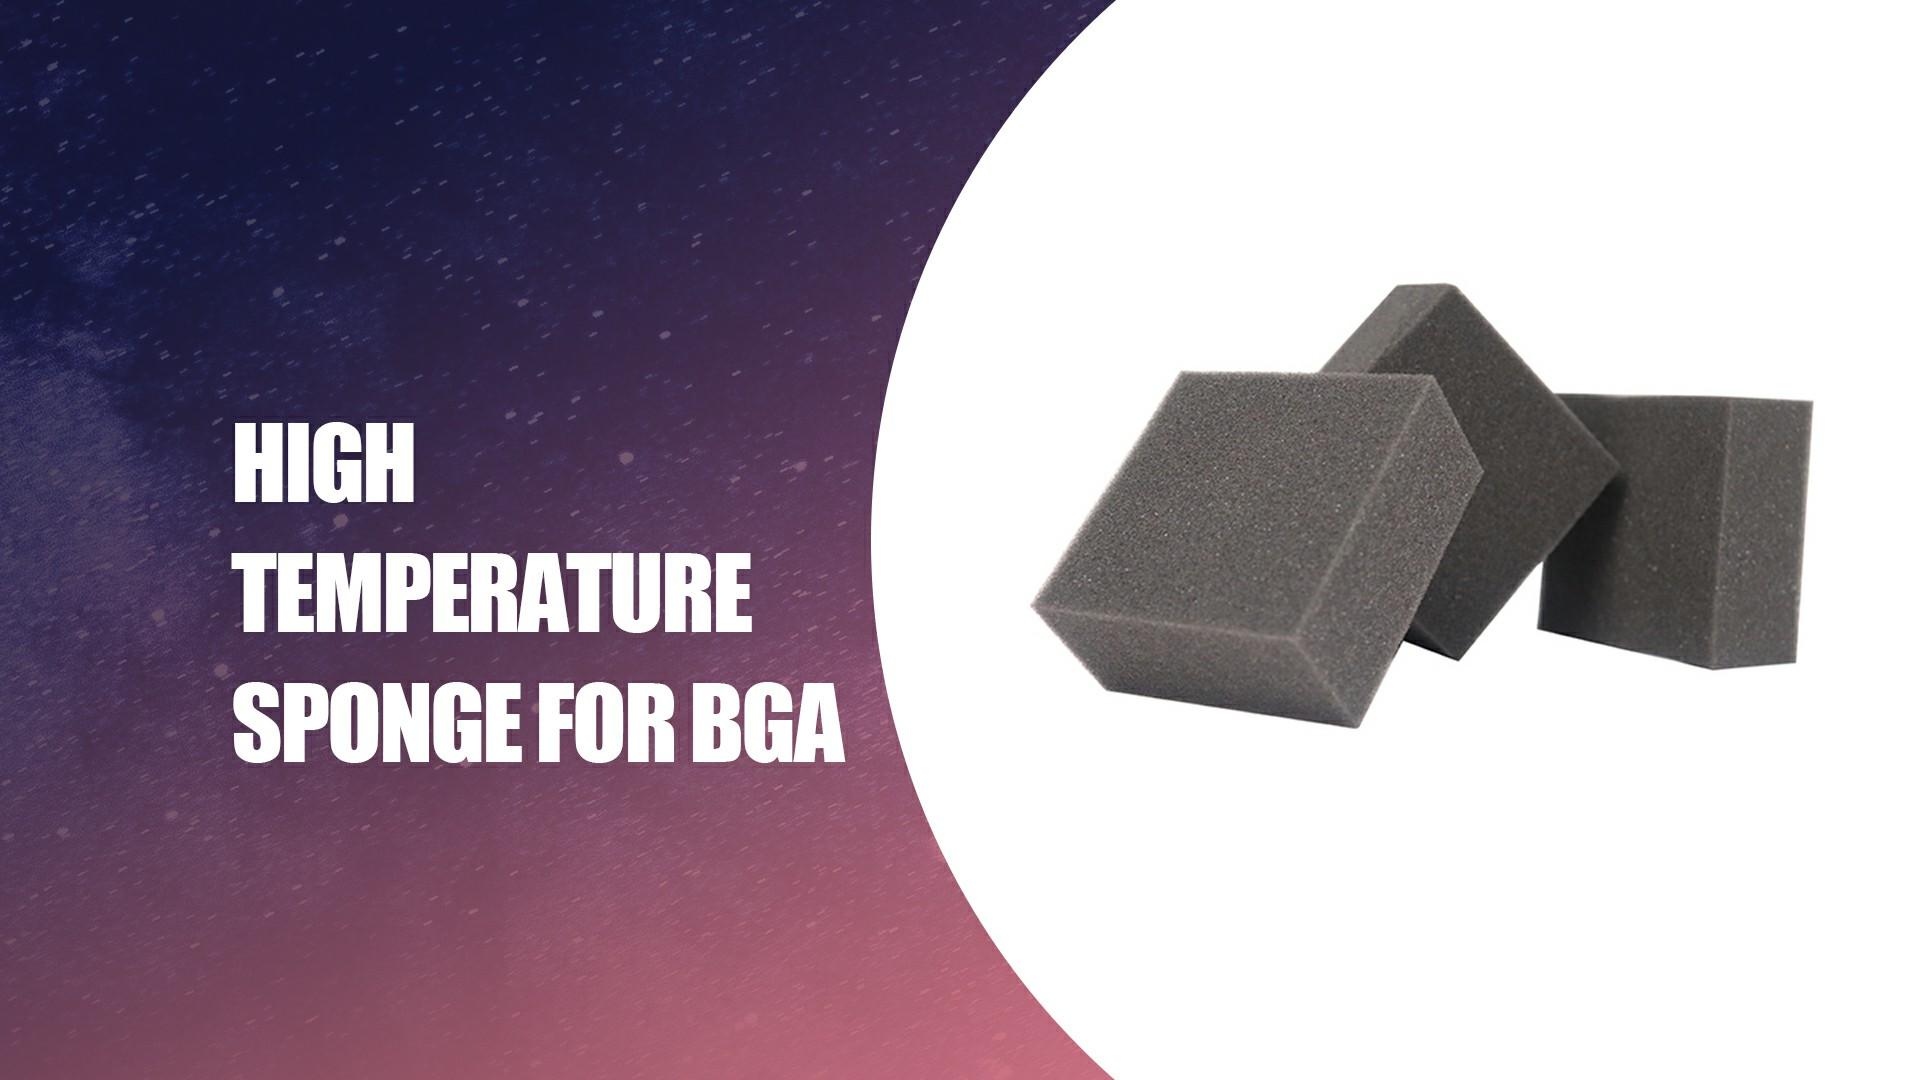 Miếng bọt biển nhiệt độ cao cho BGA